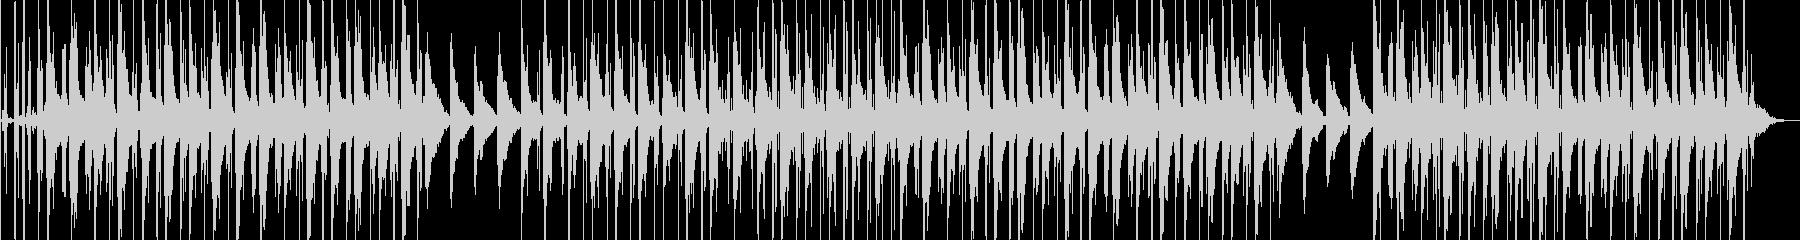 洋楽 悲しい ピアノ ローファイビートの未再生の波形